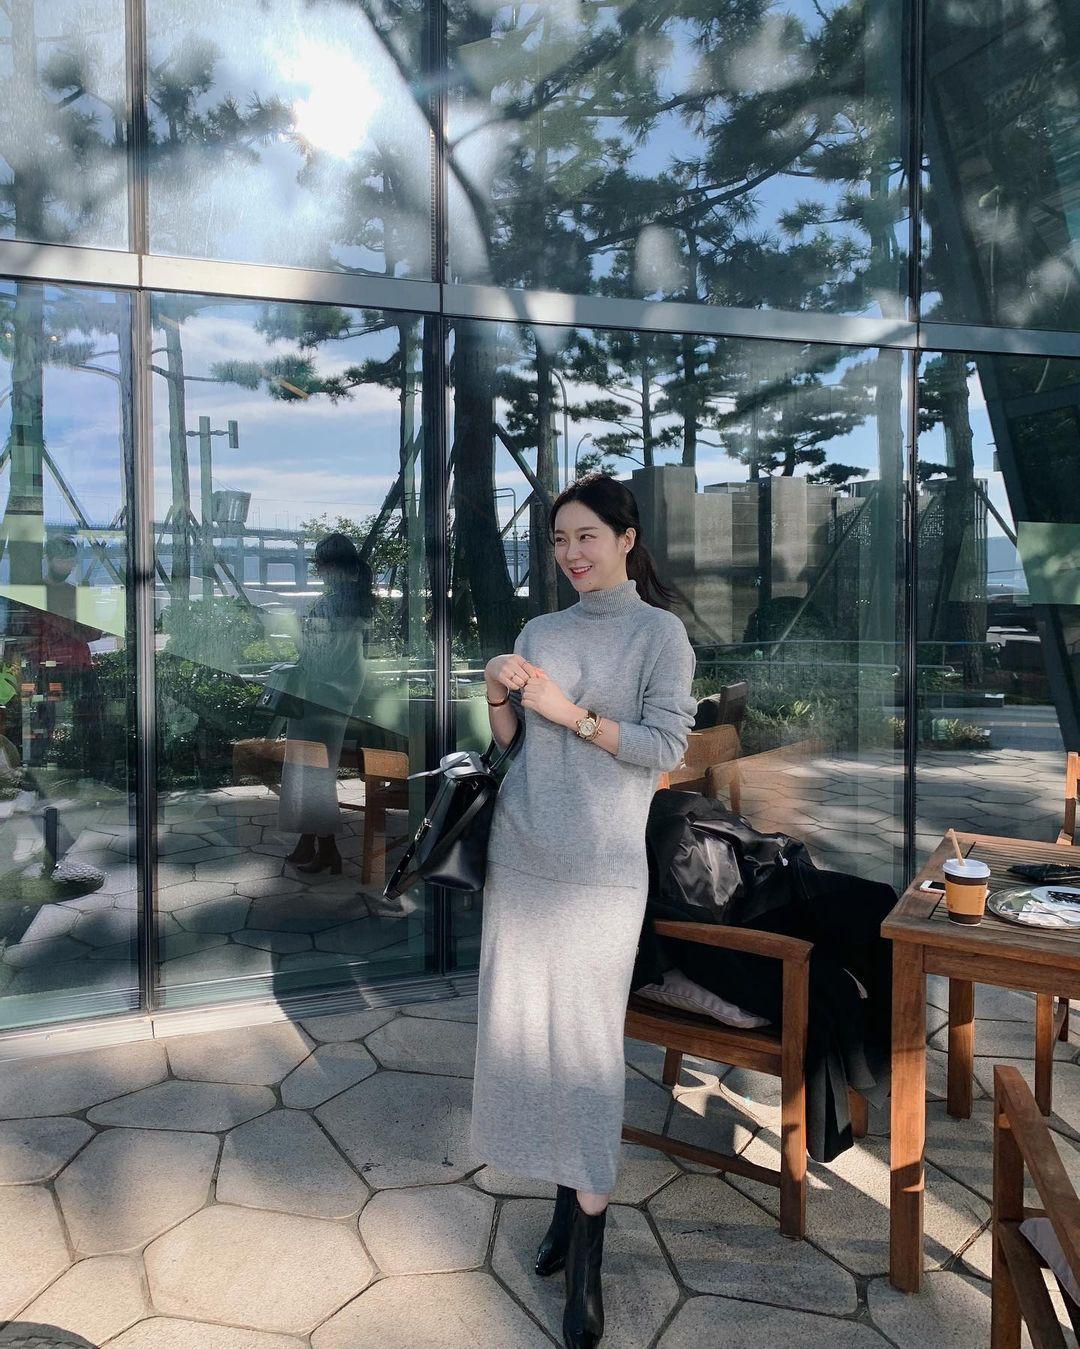 5 kiểu chân váy gái Hàn thường diện với áo len, nàng công sở nên hóng ngay để không bao giờ lo mặc xấu - Chân váy đẹp 2